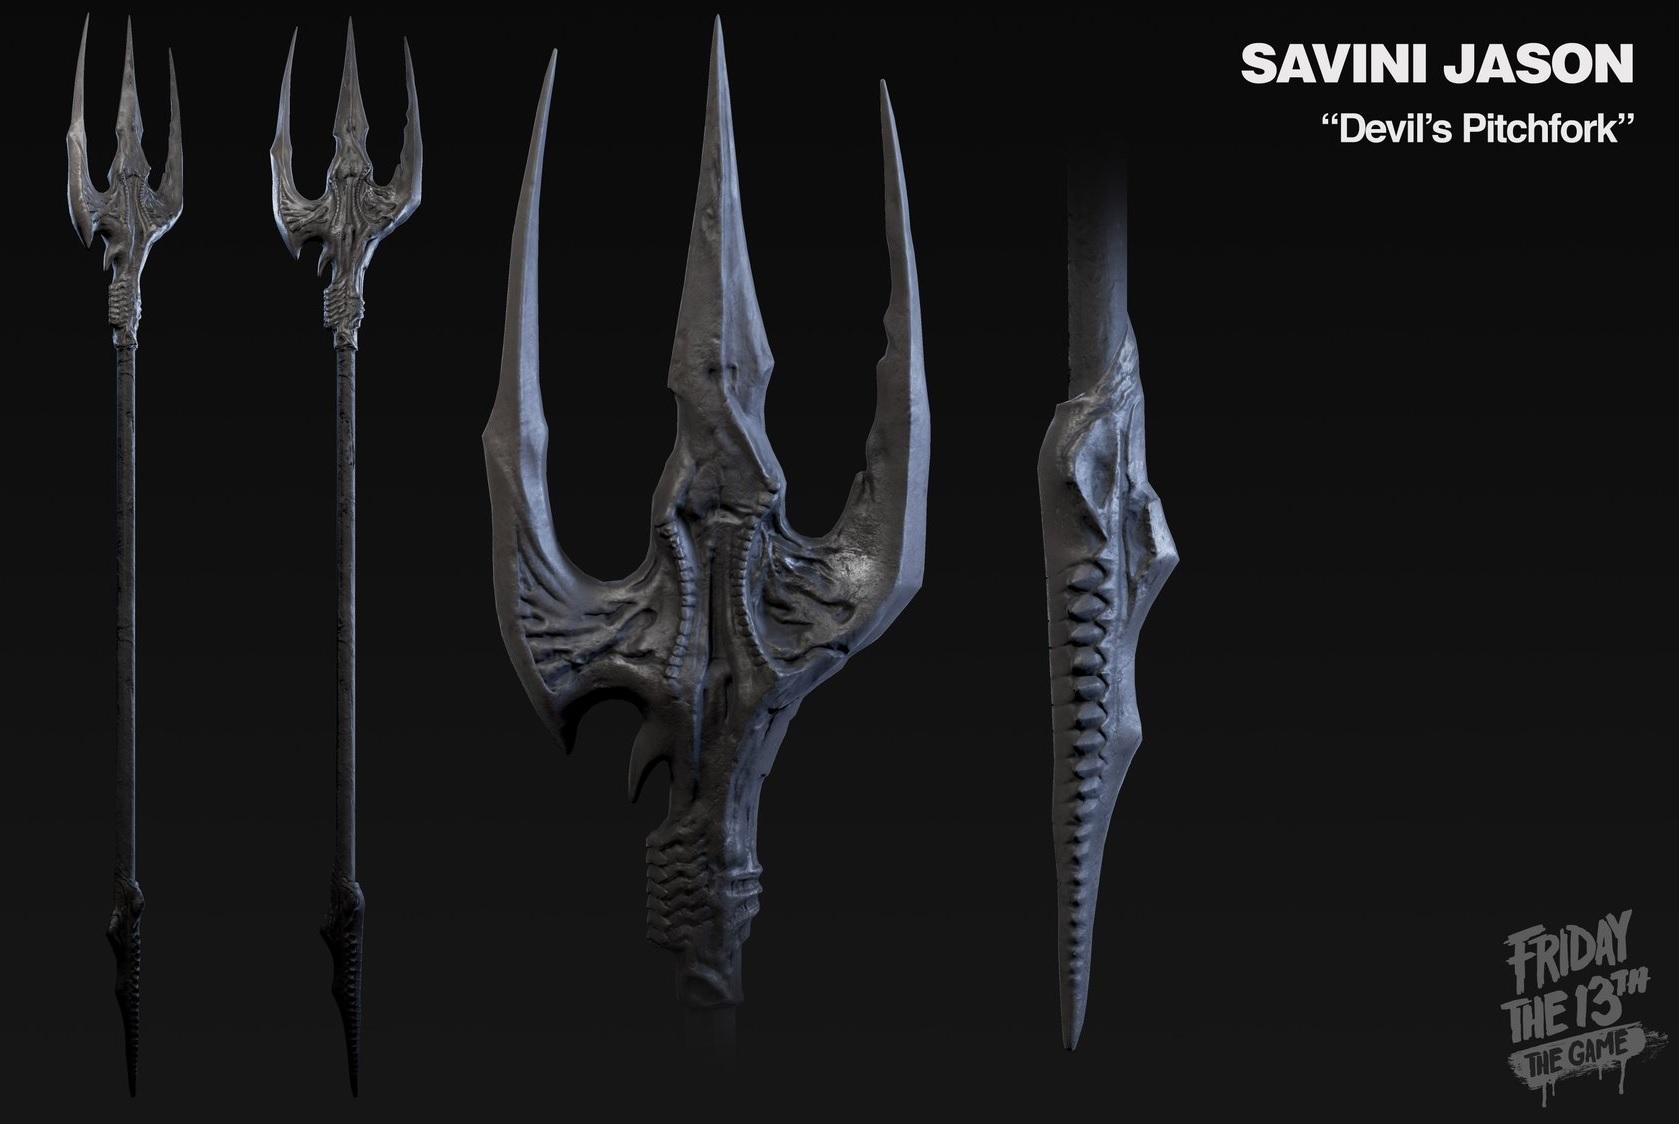 Tom Savini Jason Weapon